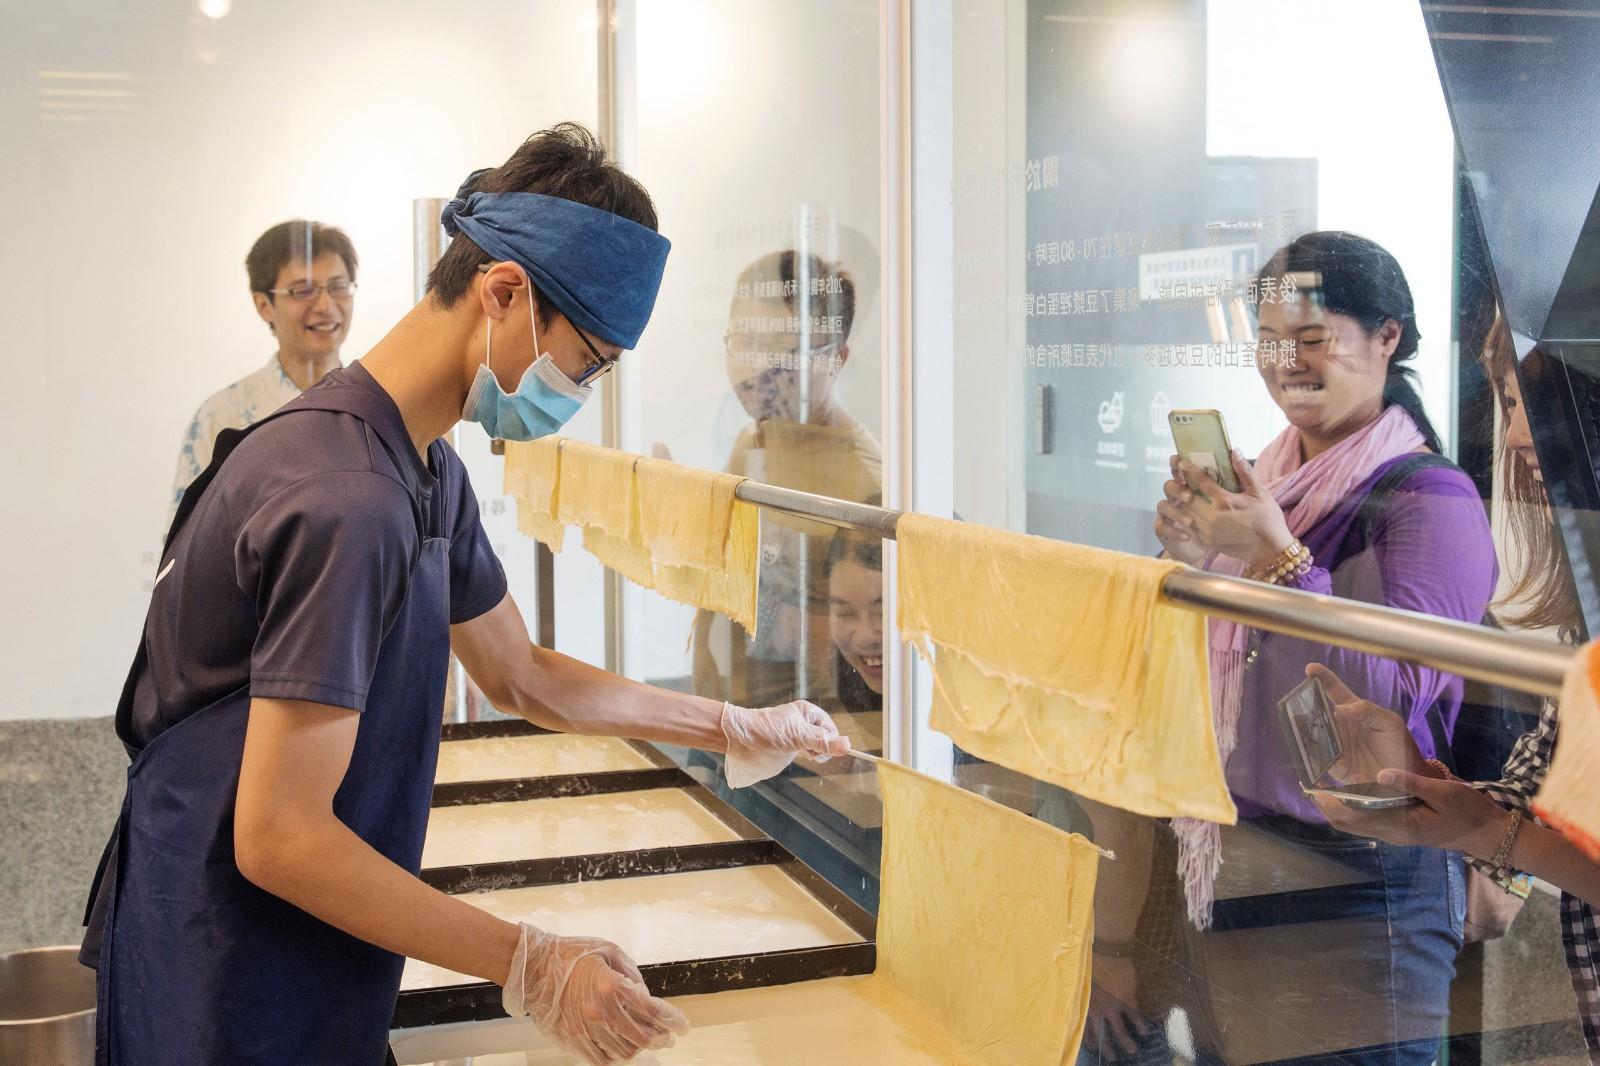 一日職人DIY體驗 - 三峽豆腐職人 | 甘樂文創 | 甘之如飴,樂在其中